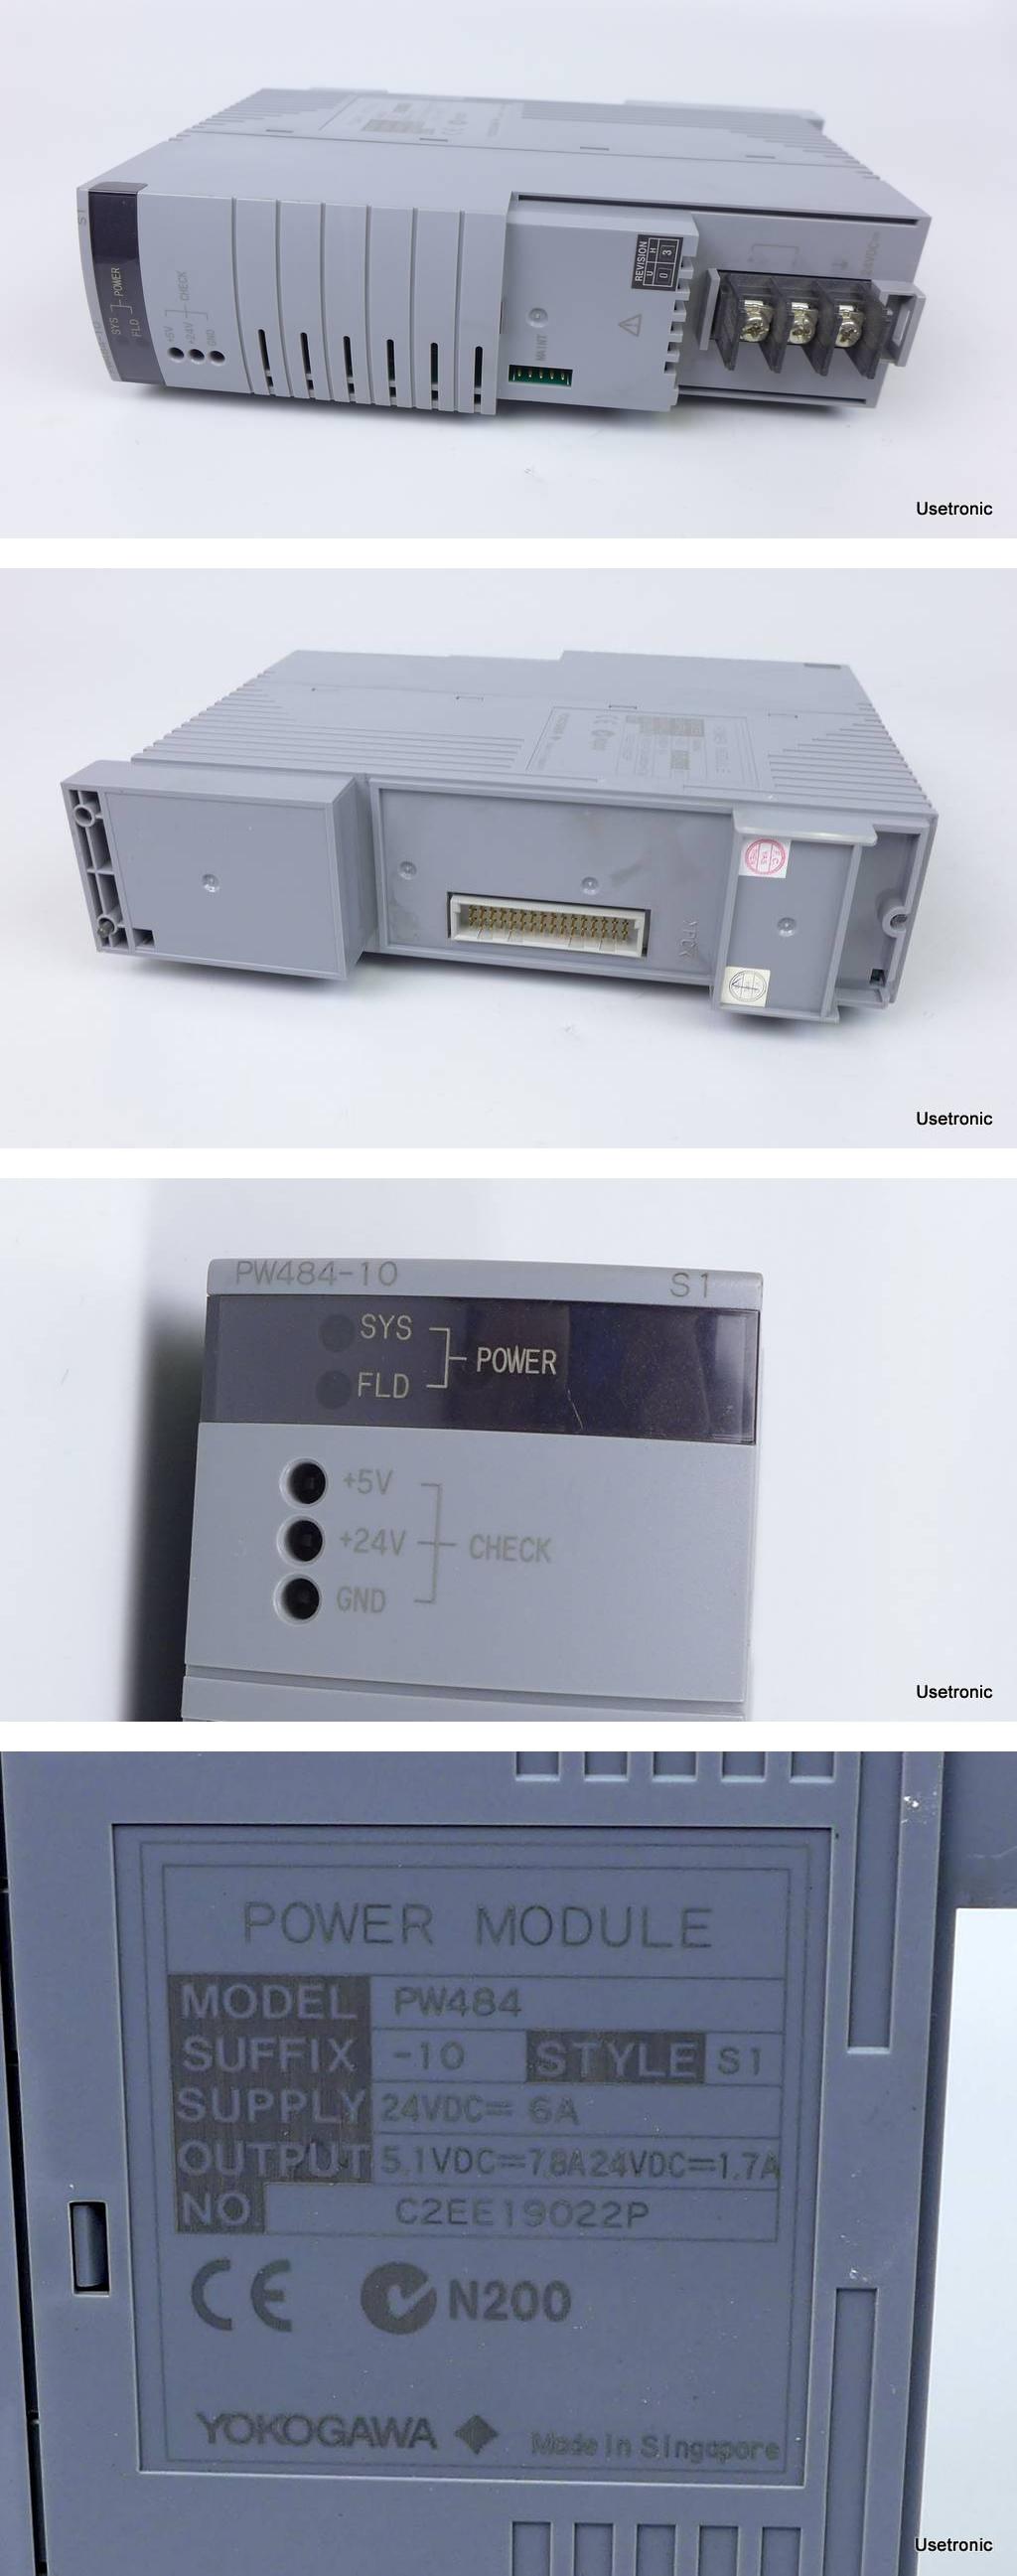 Yokogawa PW484-10